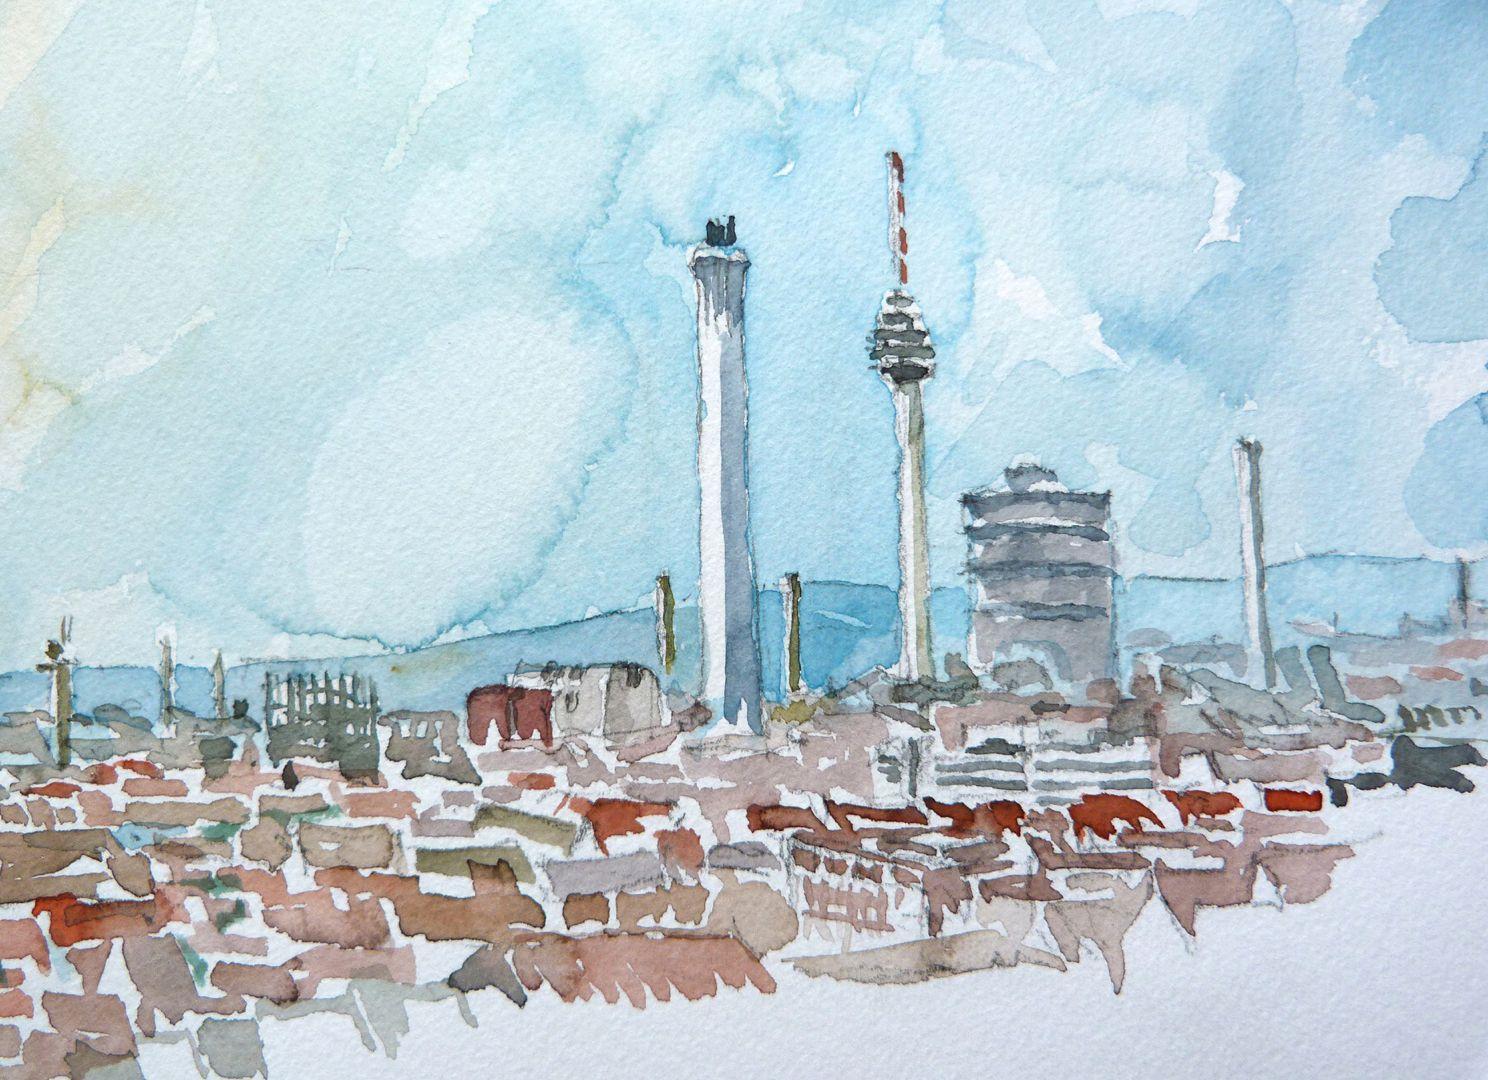 Nürnberg vom Nordturm St. Lorenz Bildausschnitt: Blick über die Stadt mit den Stadtwerken und Fernsehturm